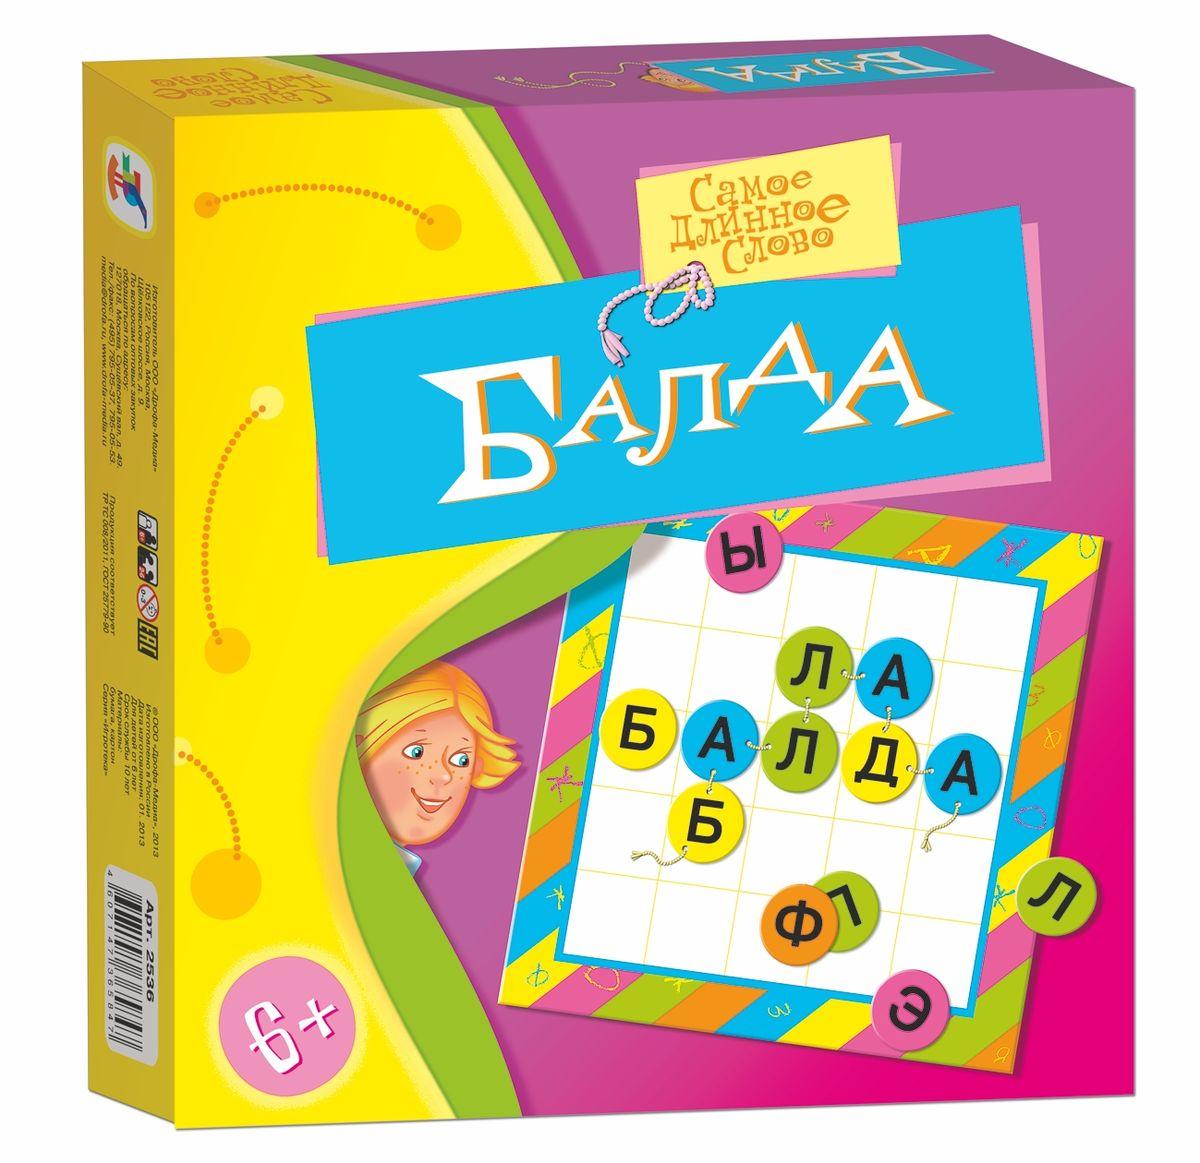 Дрофа-Медиа Настольная игра Балда настольная игра гарсон издание 2015